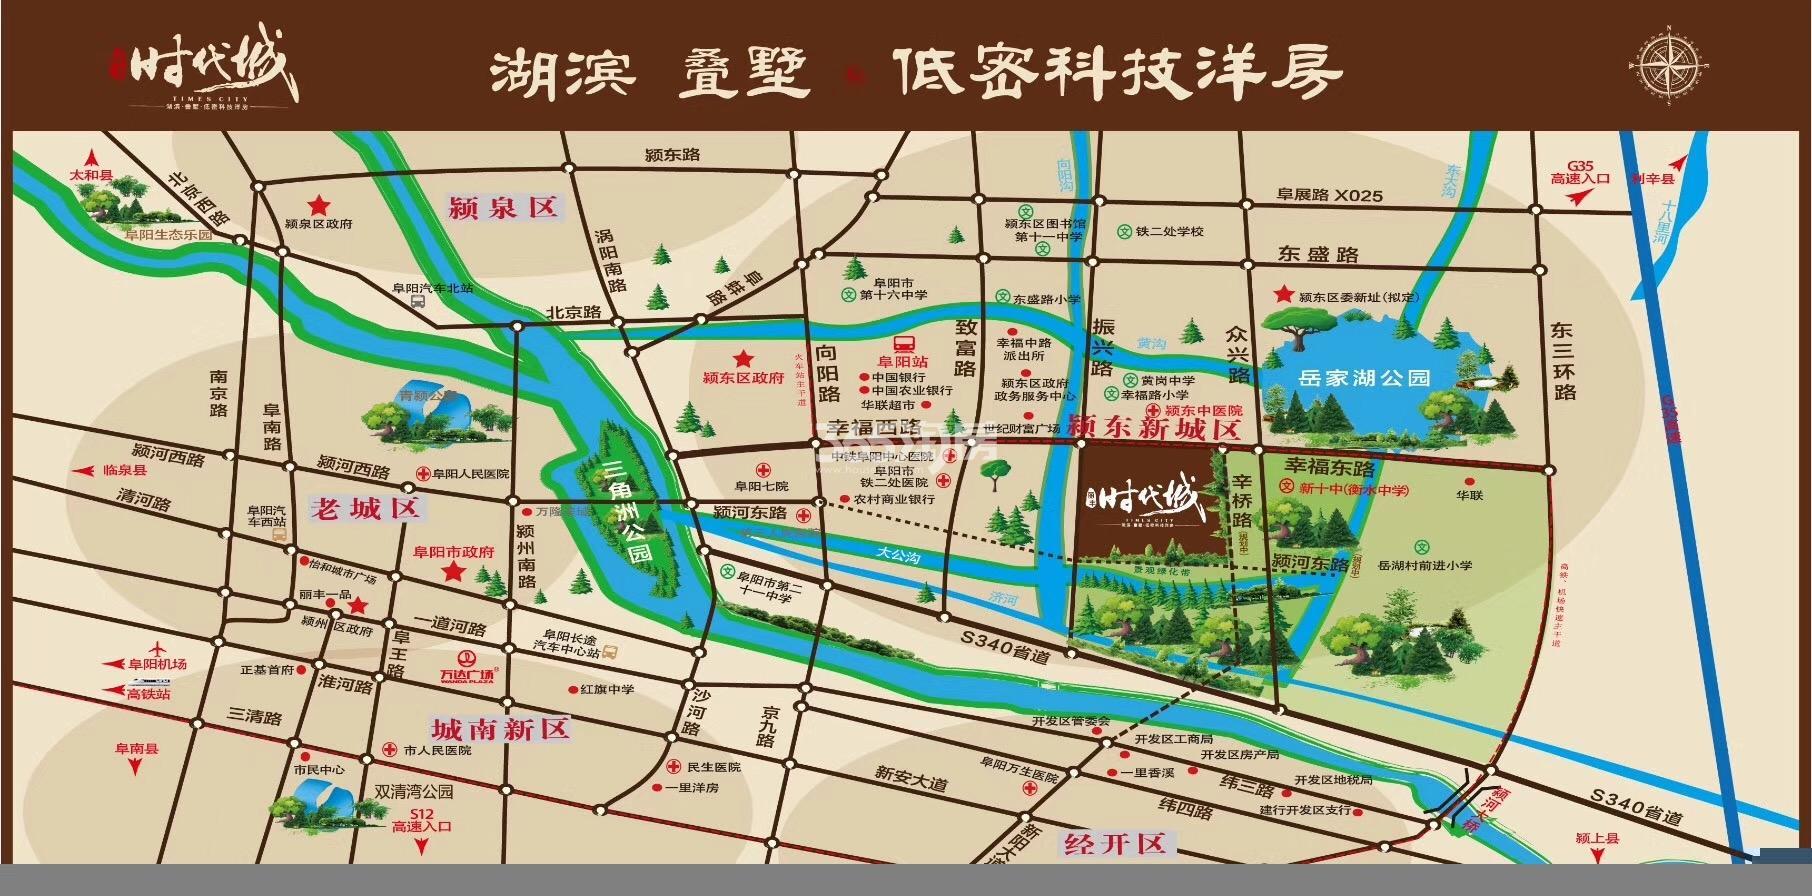 丽丰时代城交通图